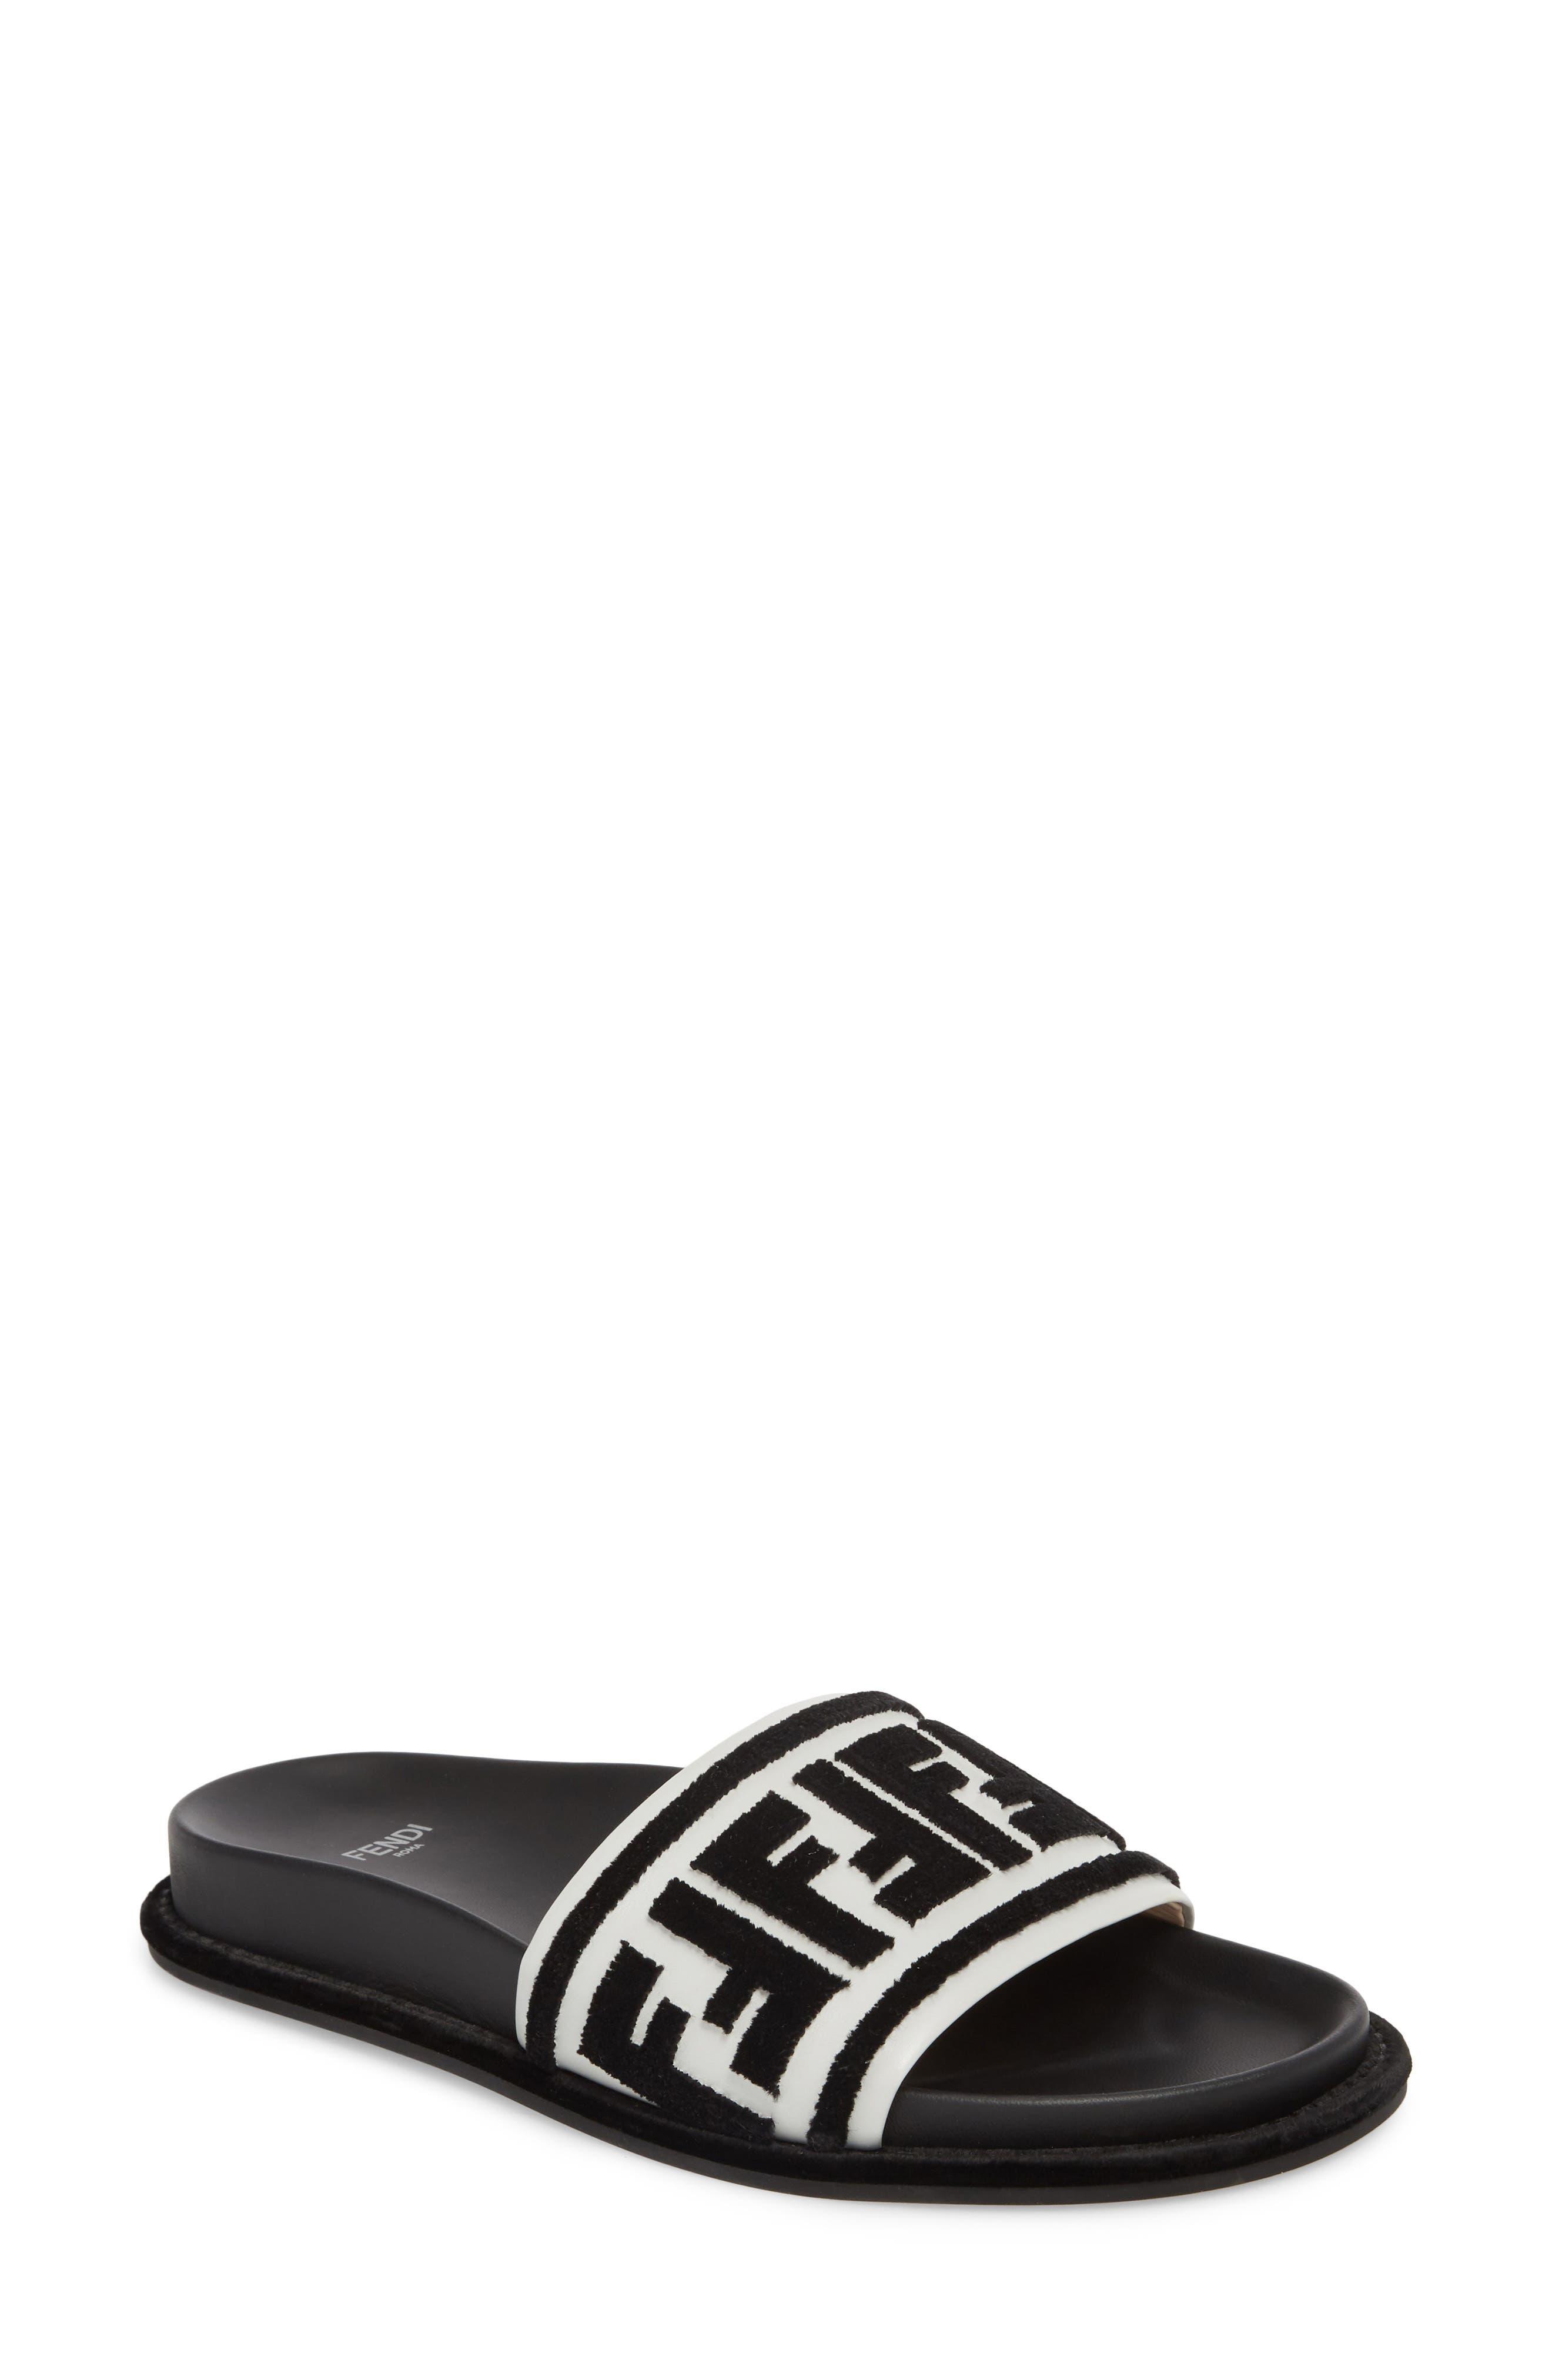 Fun Fendi Logo Slide Sandal,                             Main thumbnail 1, color,                             BLACK/ WHITE